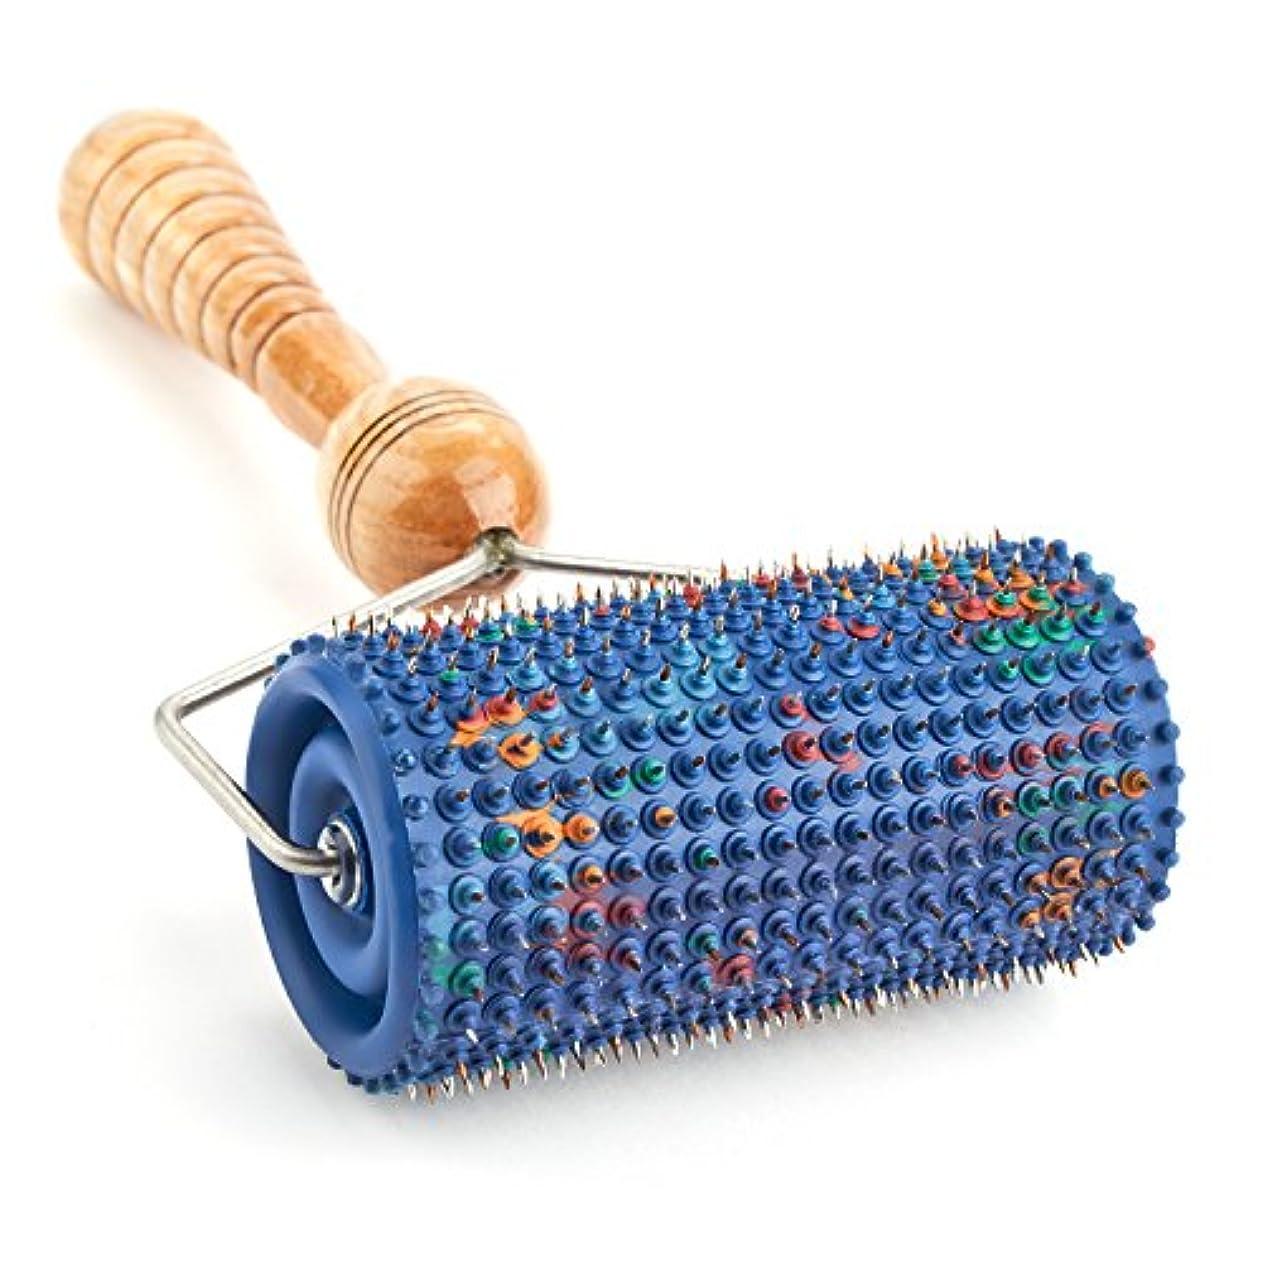 免疫電極分散LYAPKOビッグローラーマッサージャー5.0 シルバーコーティング 指圧570針使用。体の広範囲のマッサージ用。ユニークなアプリケーター治療 セルフ ダイナミック マッサージ ツール Big Roller Massager Acupuncture Applicator